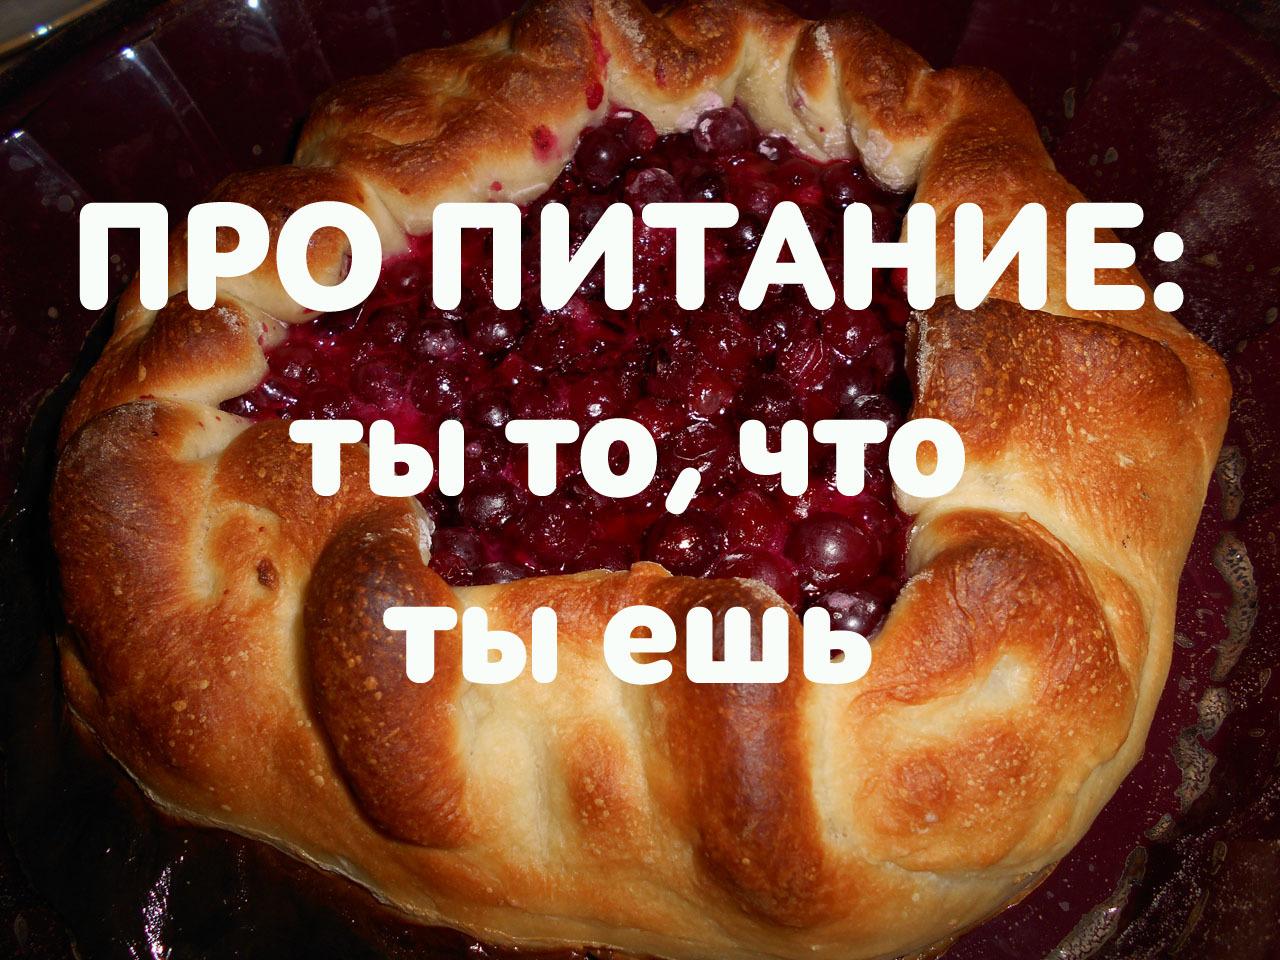 Кухновец Виктор Фаршированная щука. А знаете, почему я не забыл этот рецепт? кондаков а природы зов я не забыл